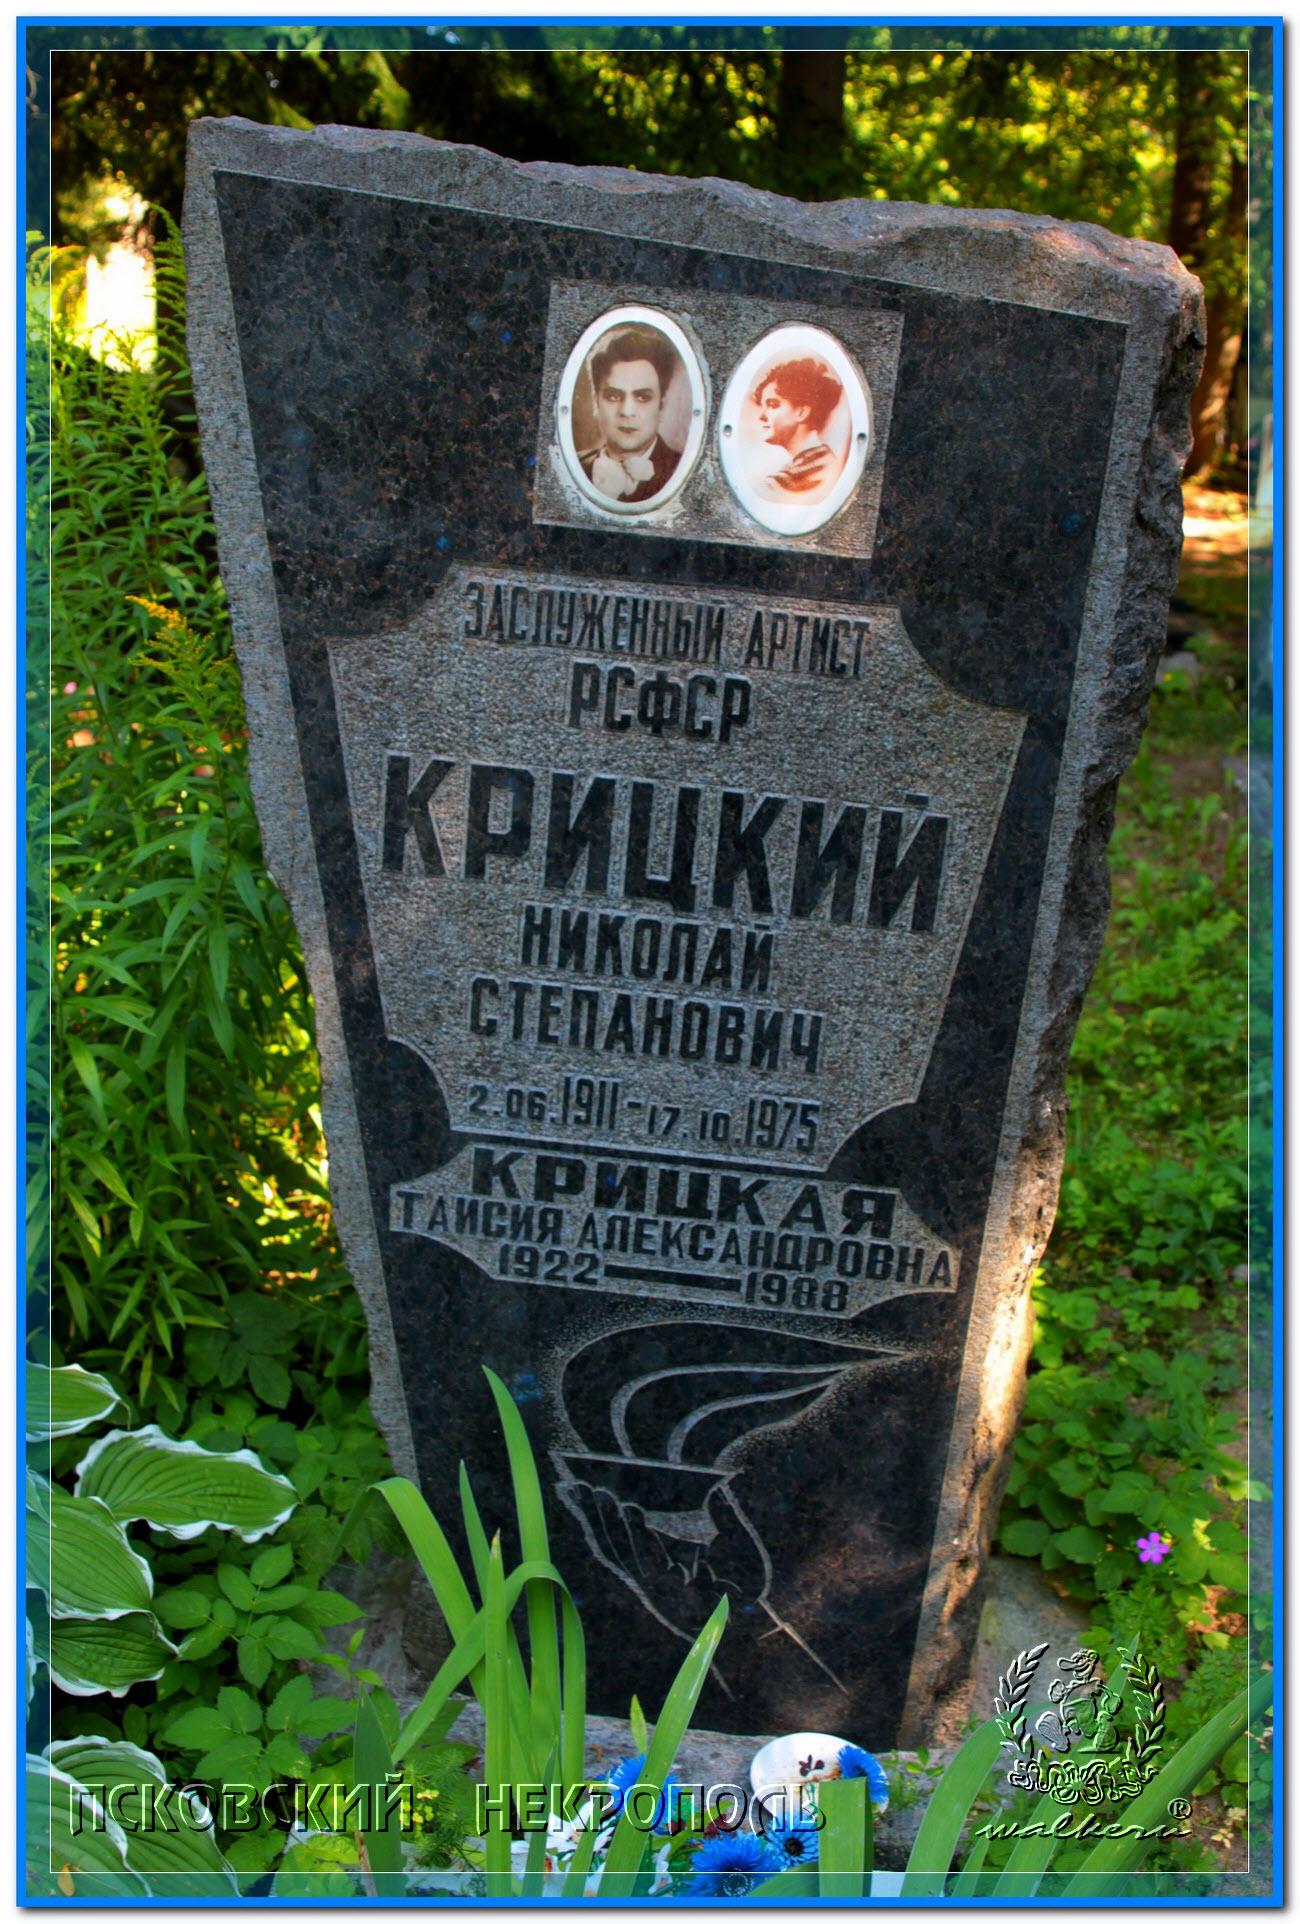 © Крицкий Николай Степанович